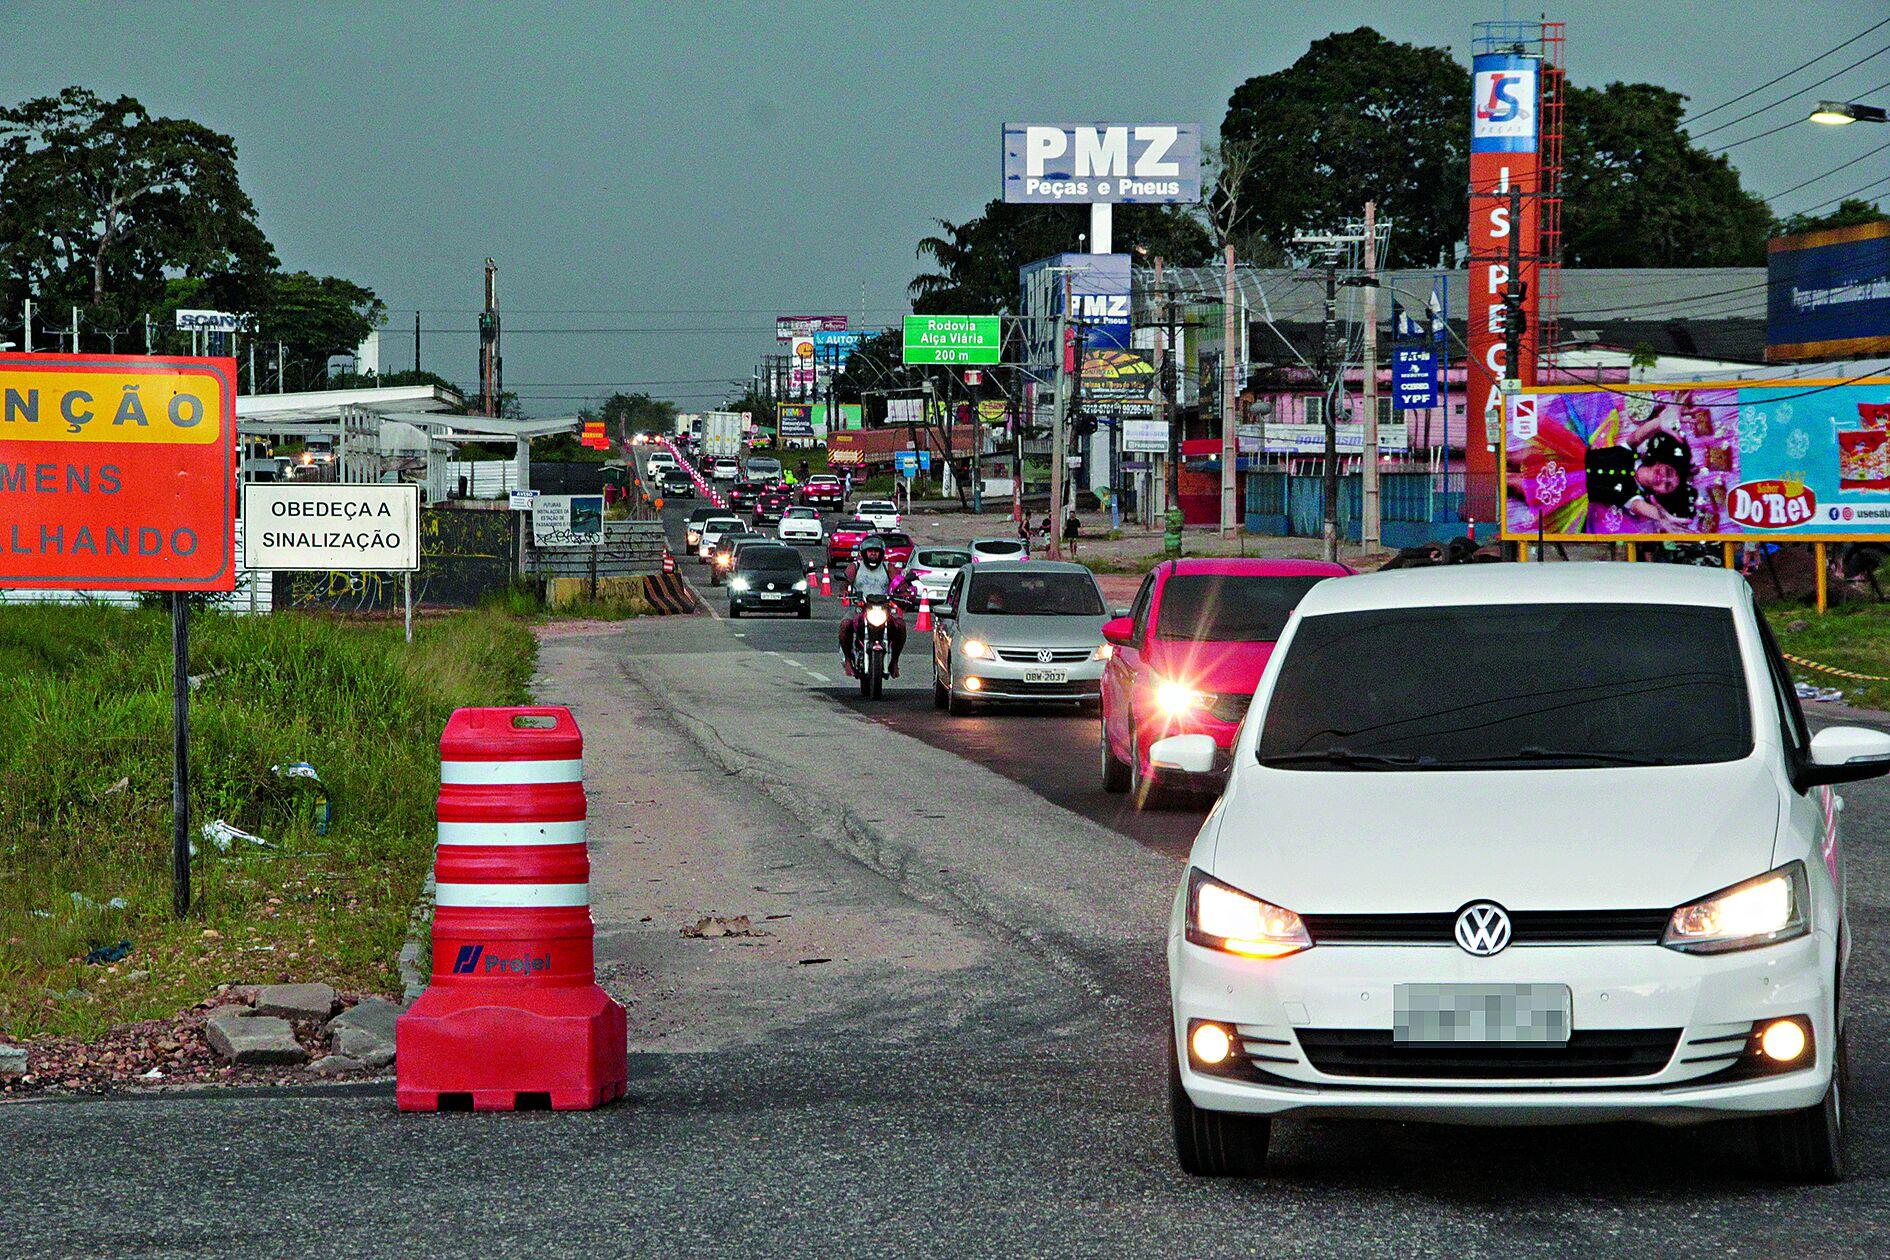 Retorno intenso, mas sem acidentes graves na rodovia